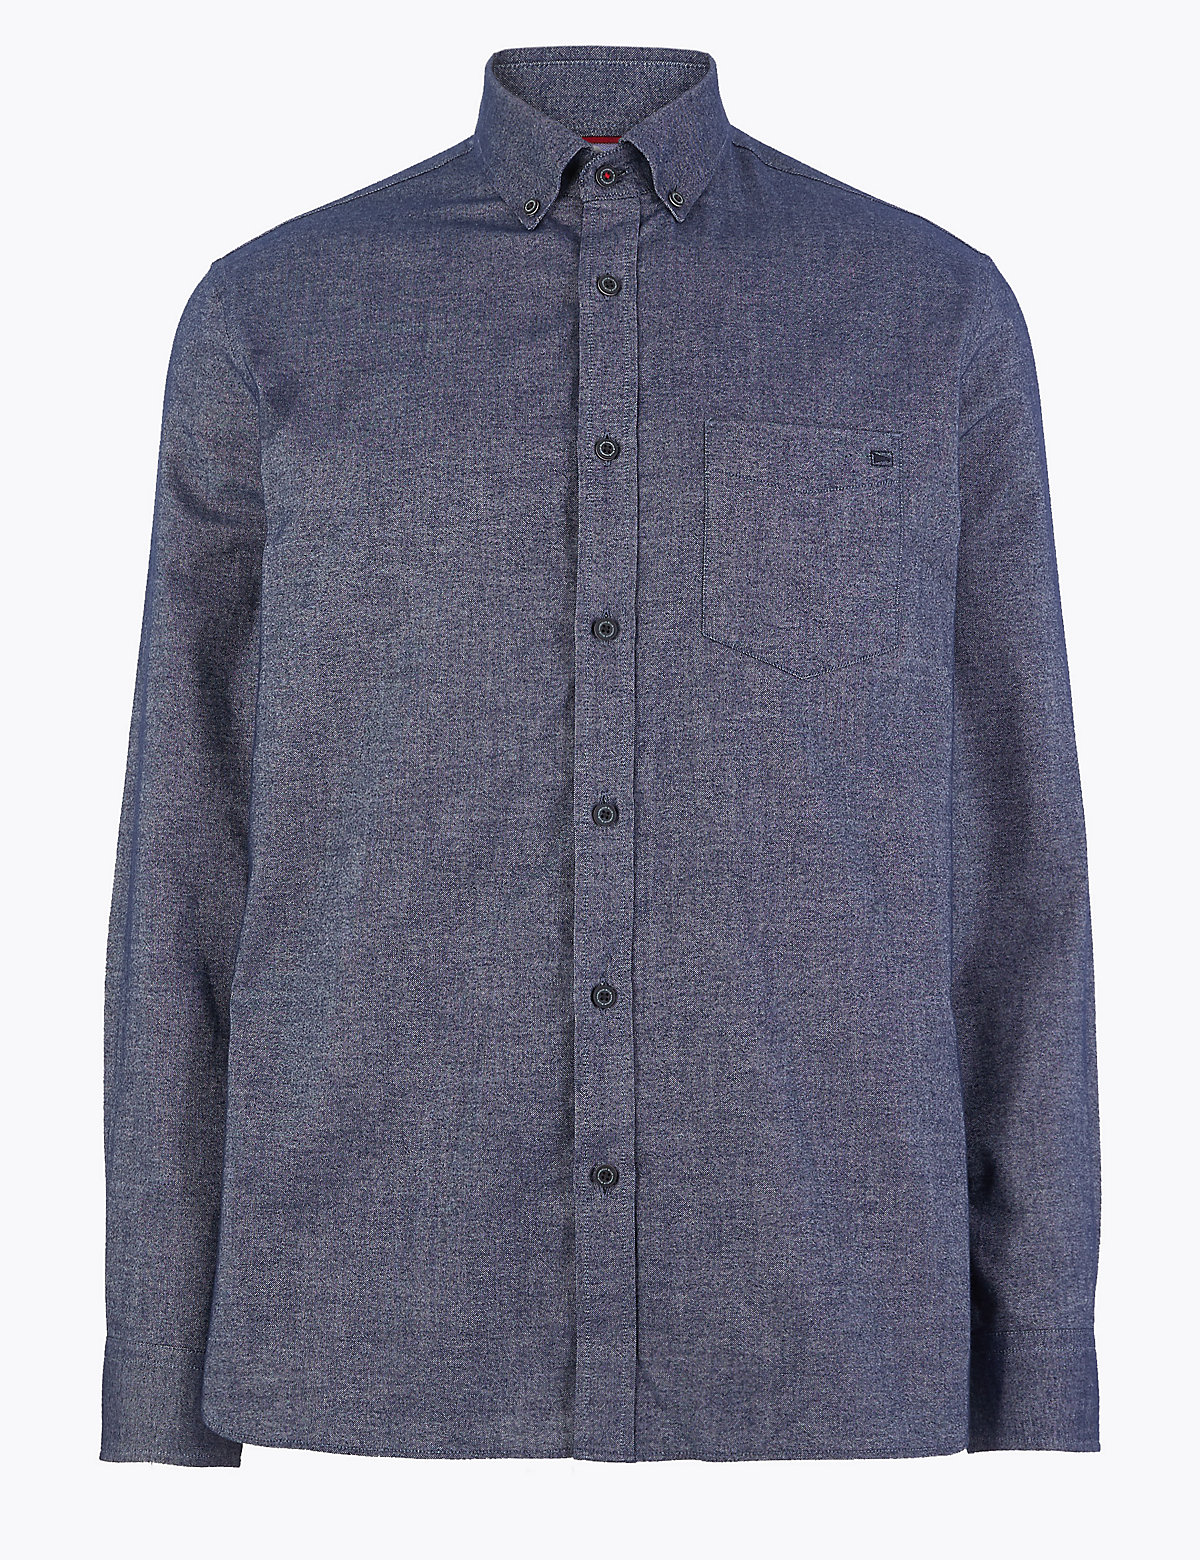 Мужская рубашка оксфорд из чистого хлопка